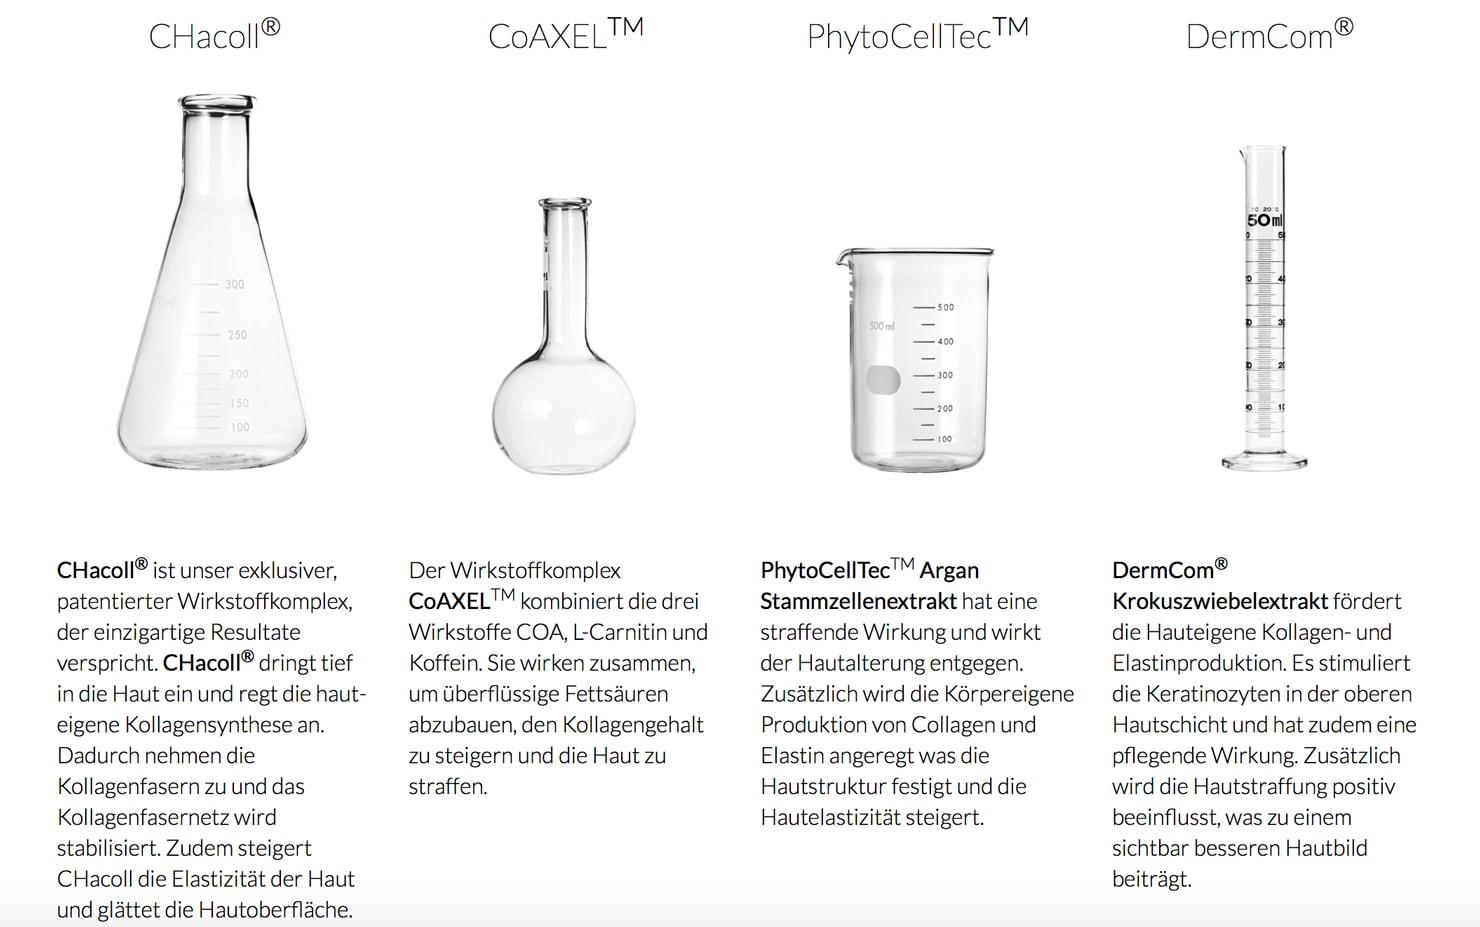 Die patentierten Wirkstoffe von skin689 abgebildet.